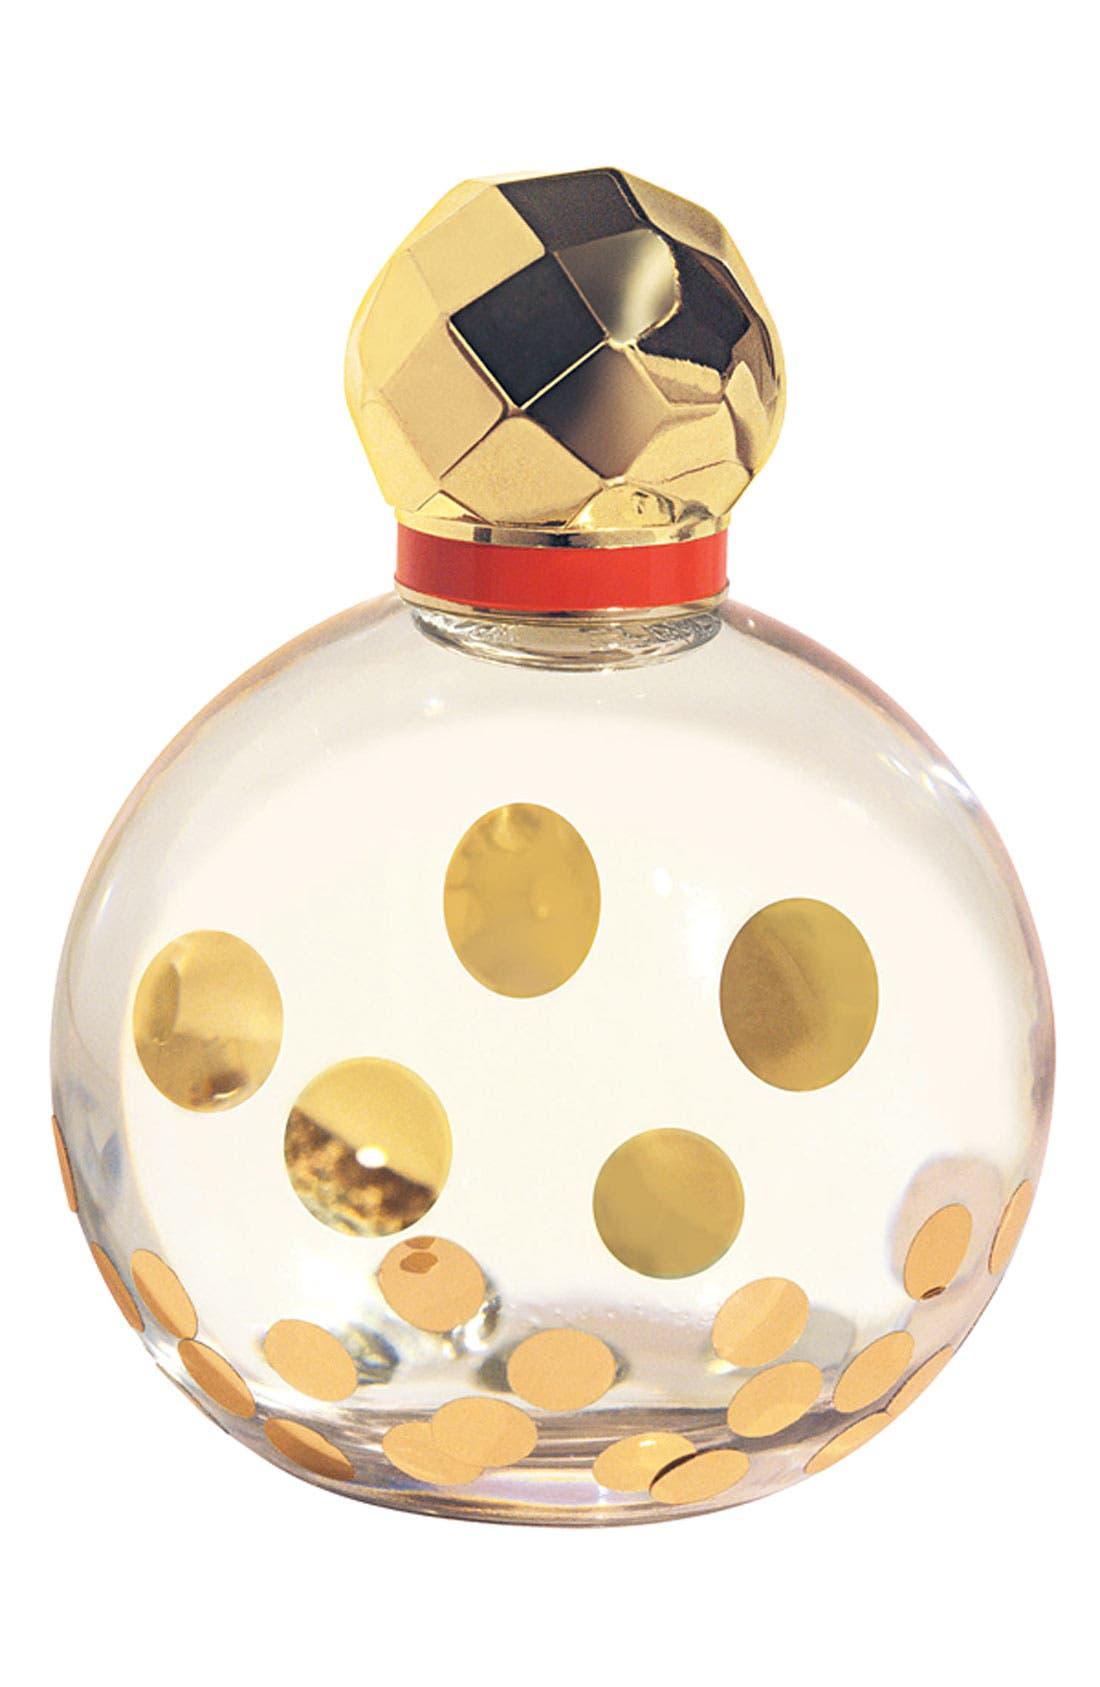 KATE SPADE NEW YORK,                             'twirl' eau de parfum,                             Main thumbnail 1, color,                             000